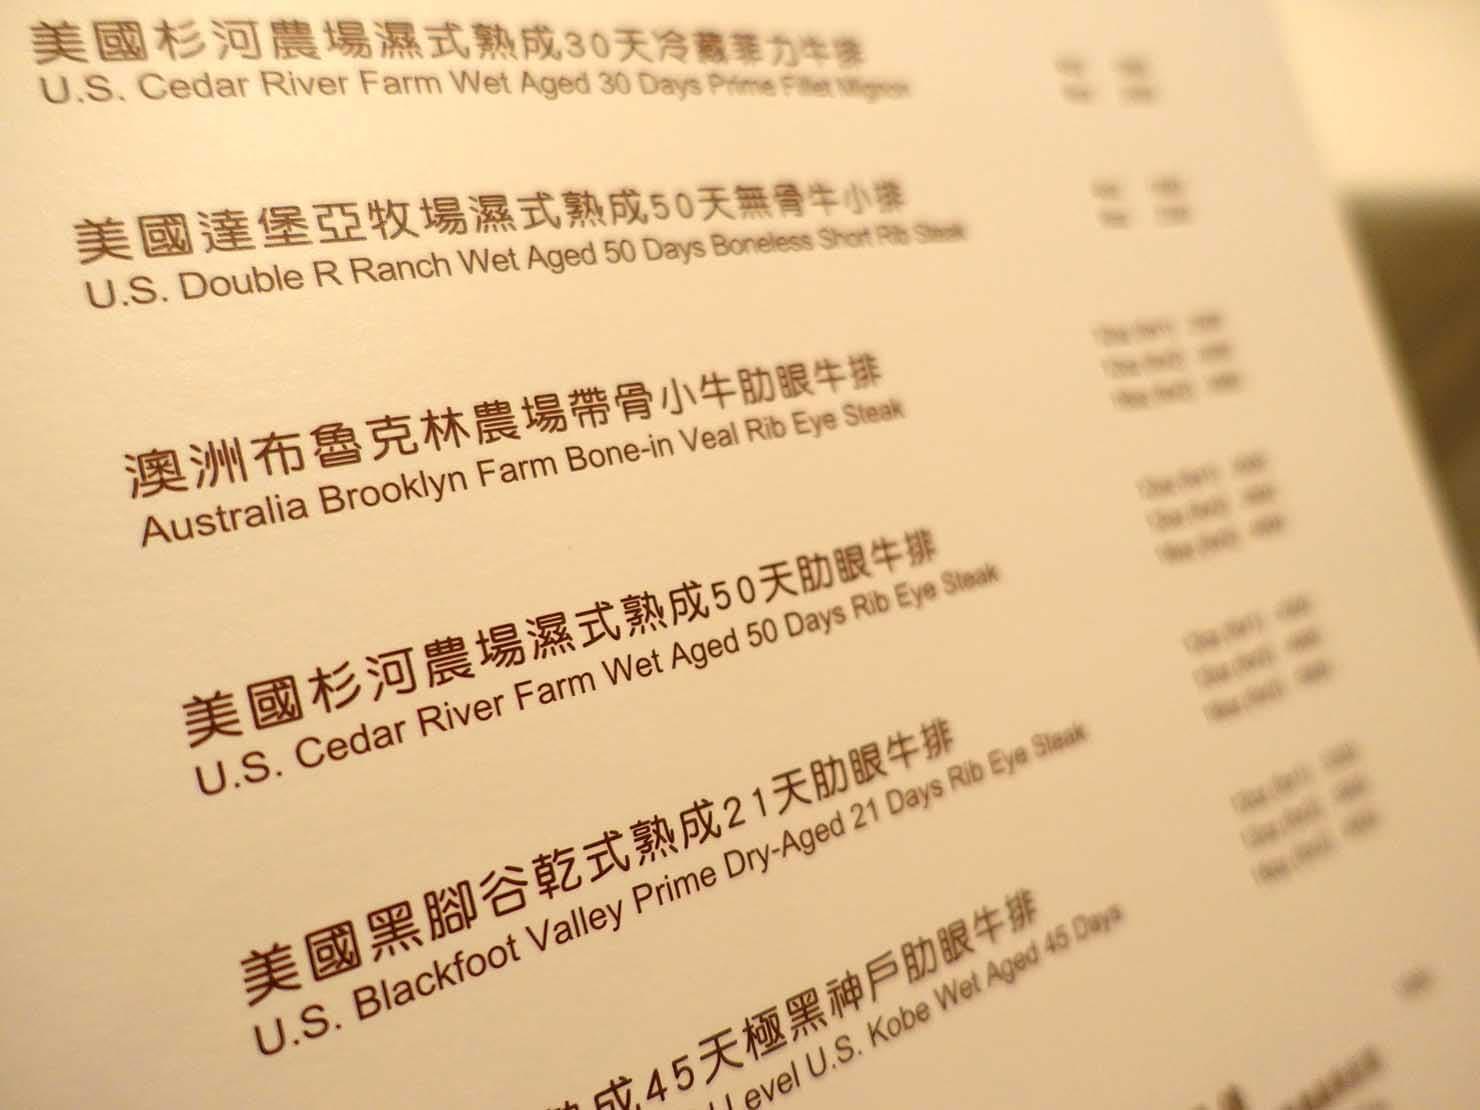 台北の4つ星ホテルにあるステーキハウス「地中海牛排館」のメニュークローズアップ